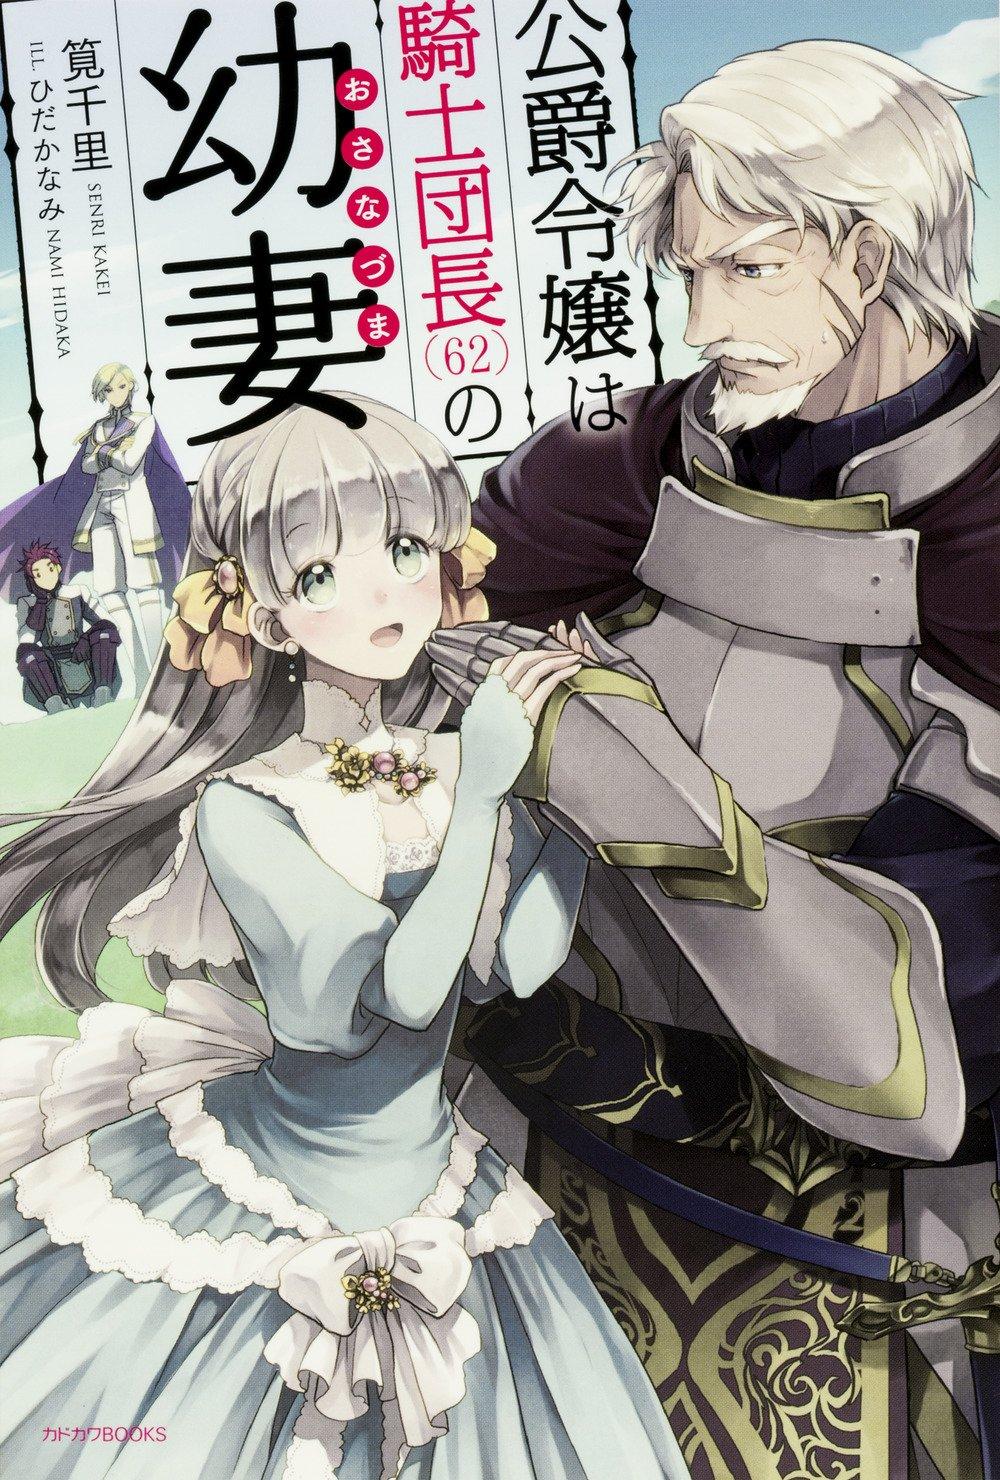 【ライトノベル】公爵令嬢は騎士団長(62)の幼妻 1巻